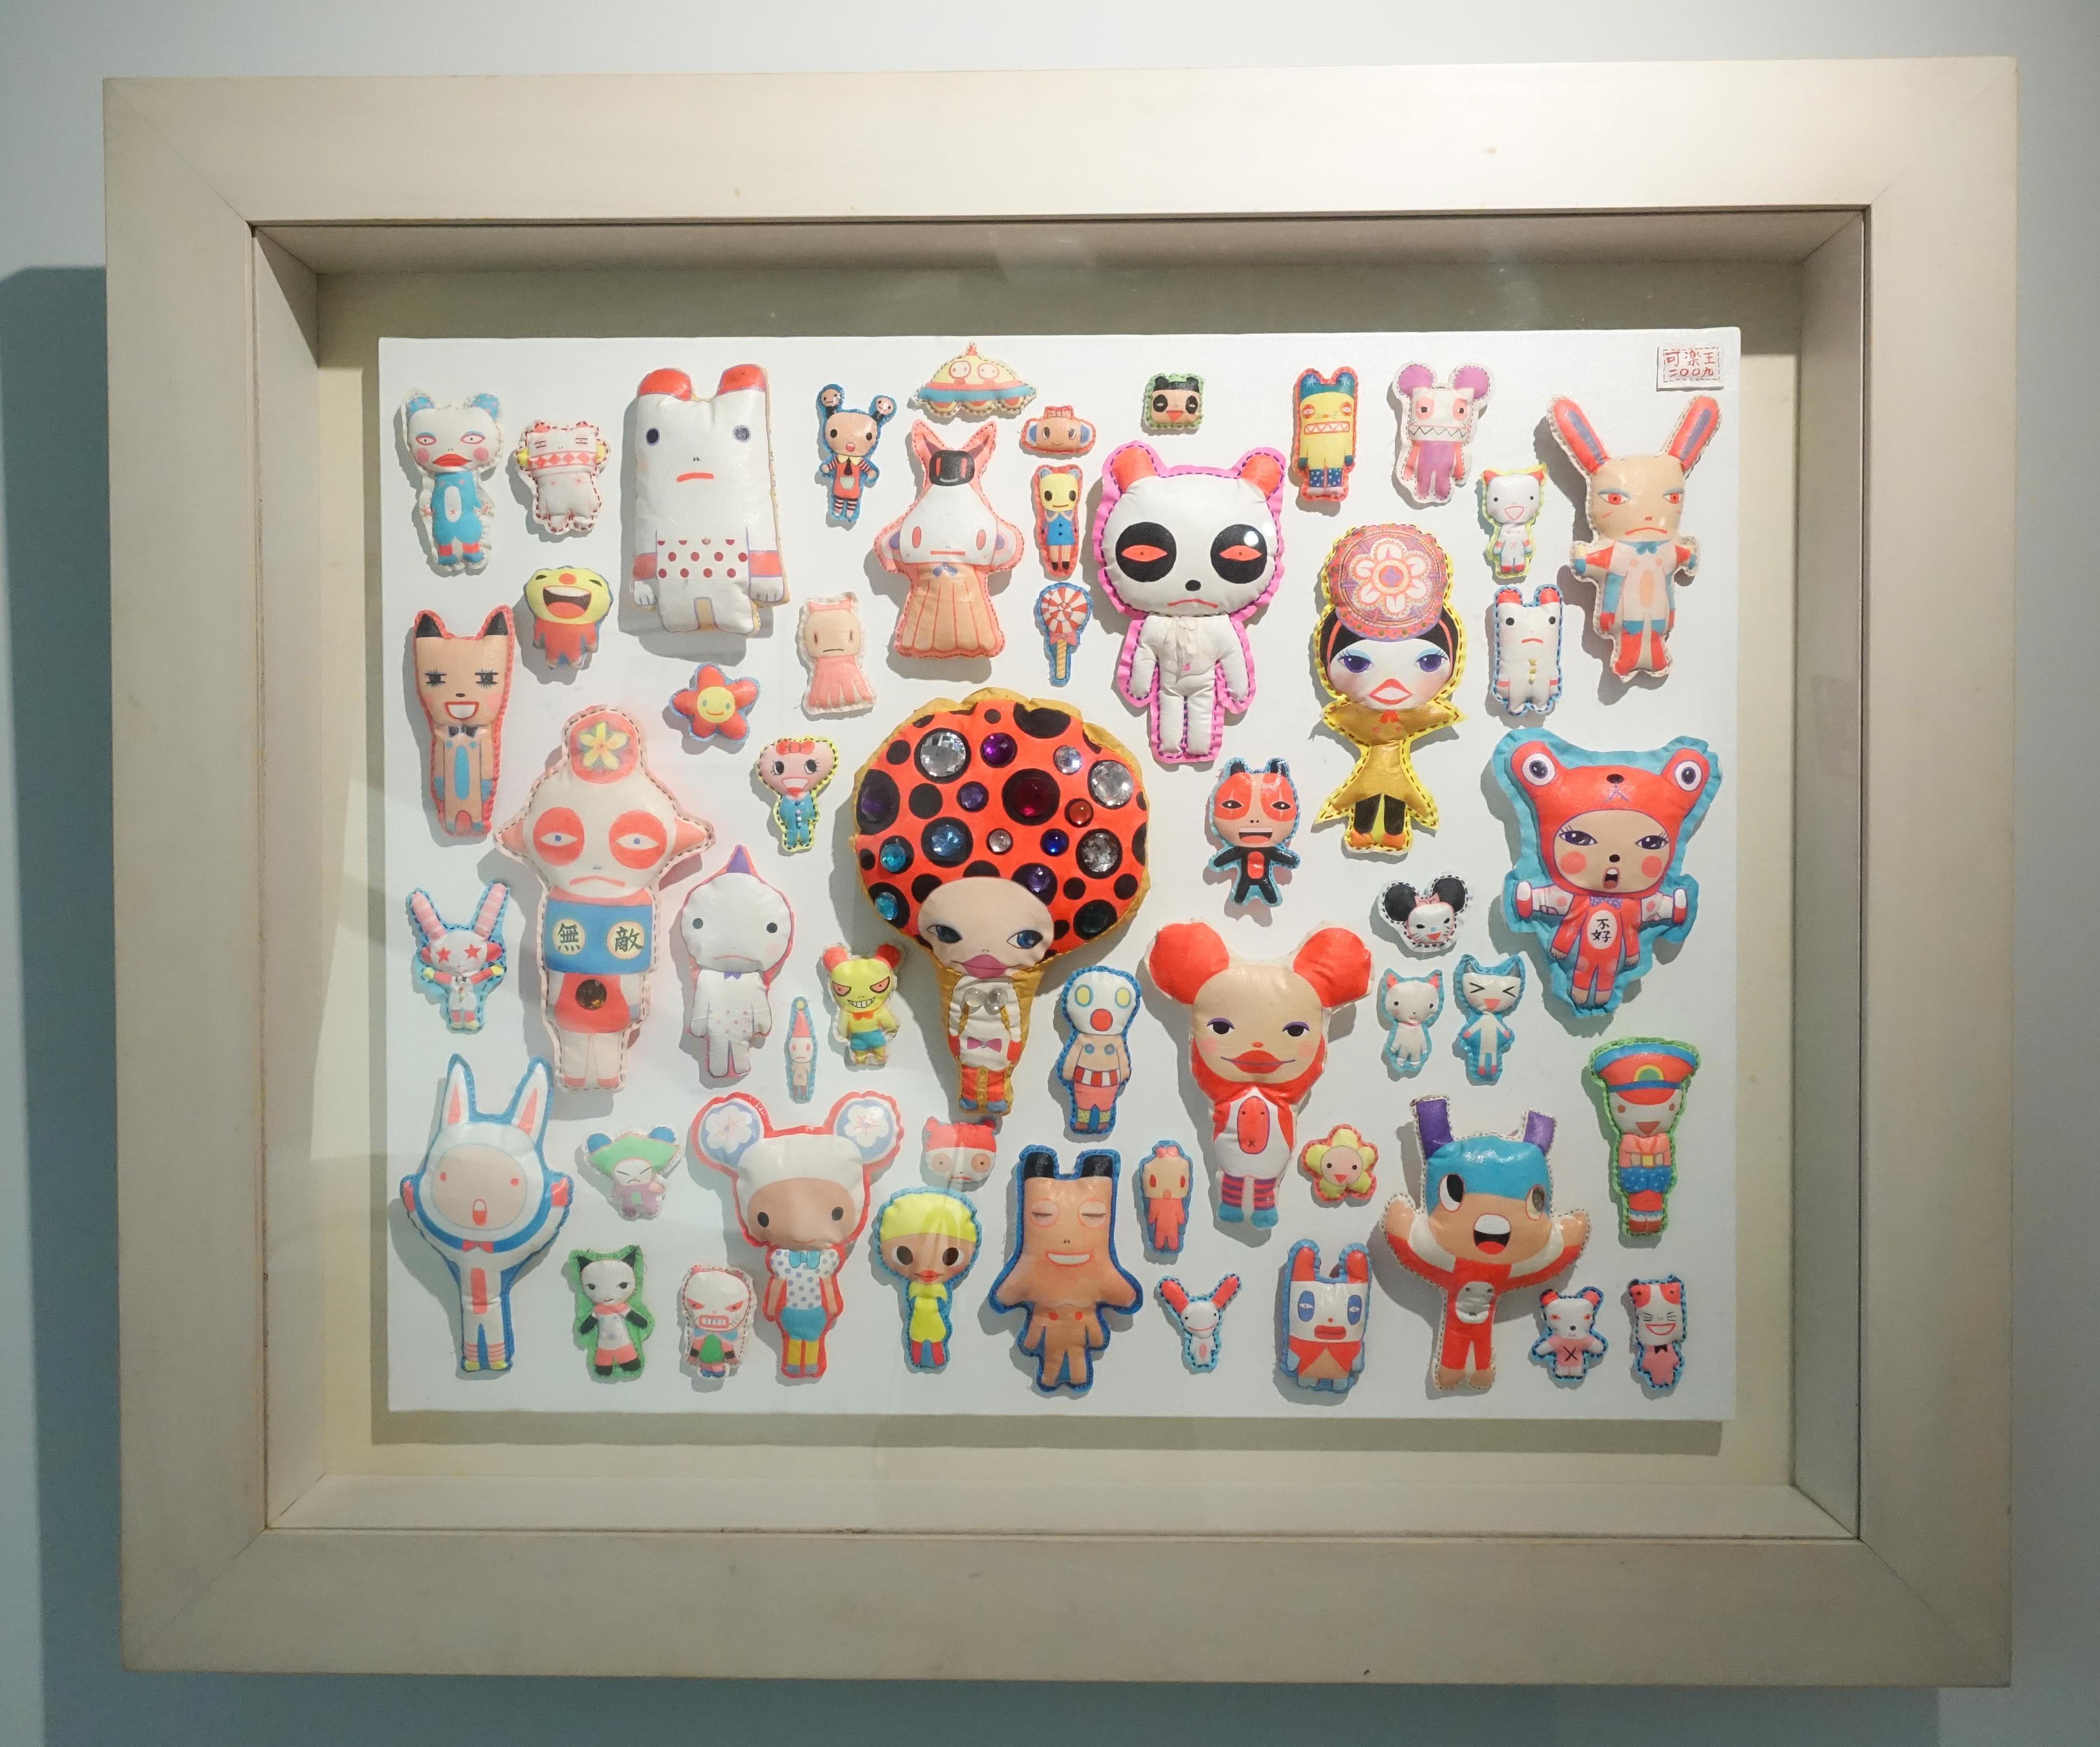 可樂王,《我的米奇老鼠俱樂部》,101 x 119.4 x 12 cm,複合媒材,2009。